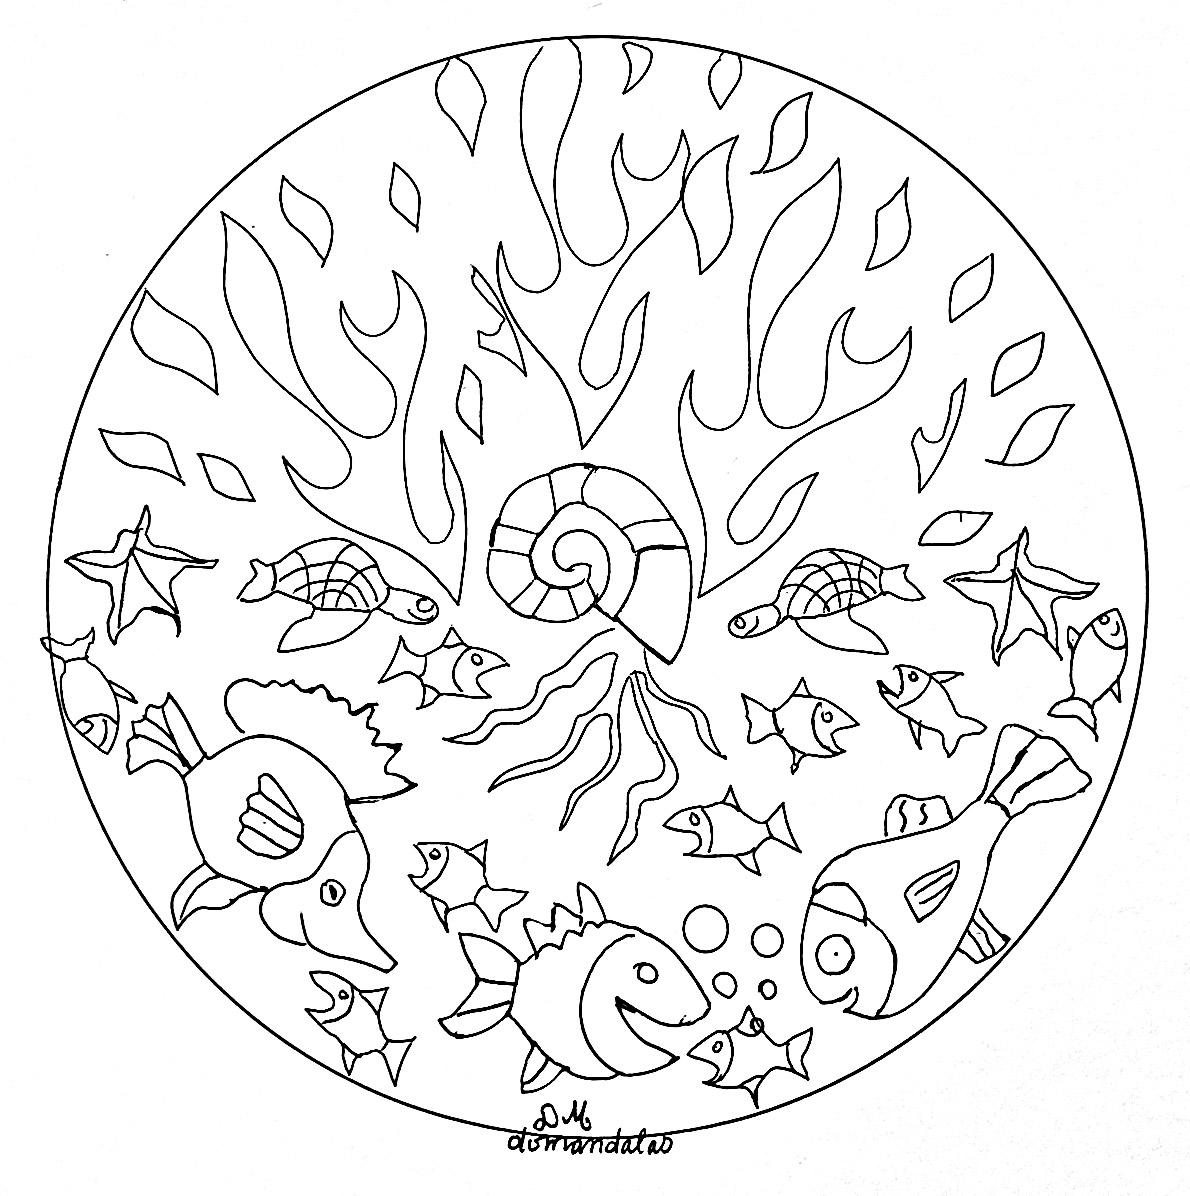 Coloriage Mandala Facile A Imprimer.Mandala Facile Des Fonds Marins Mandalas Sur Le Theme Des Animaux